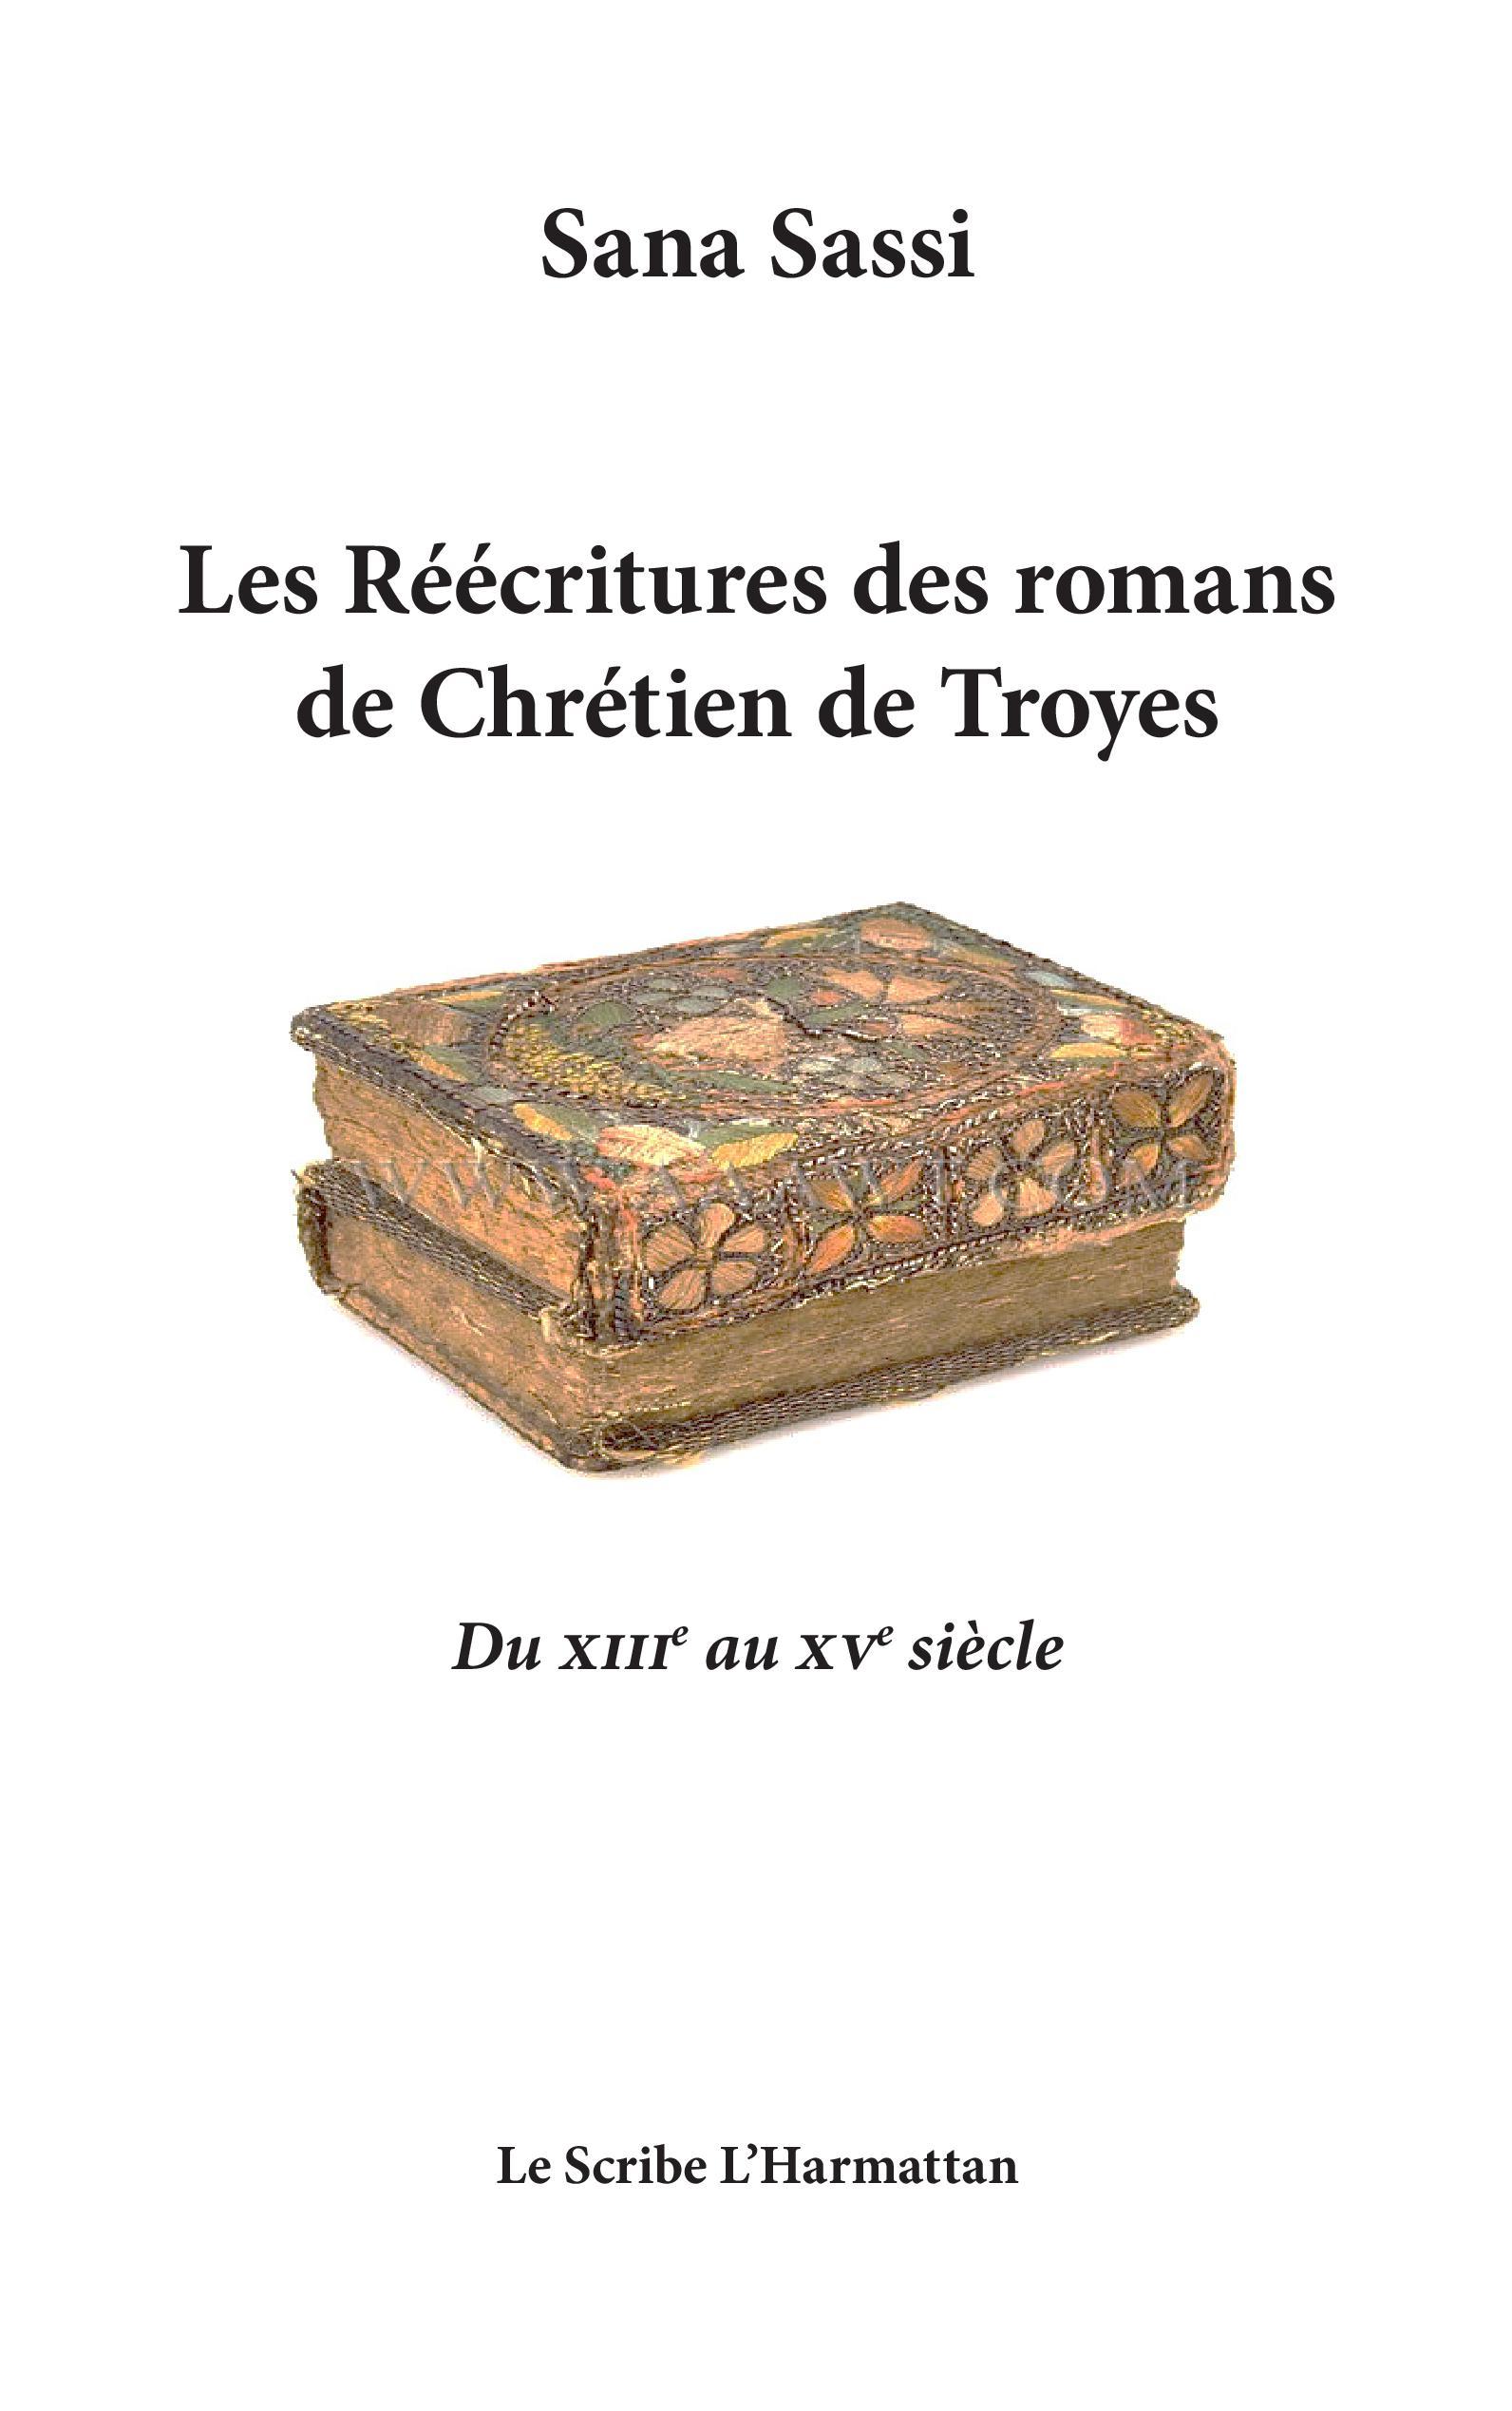 S. Sassi, Les Réecritures des romans de Chrétien de Troyes. Du XIIIe au XVe siècle